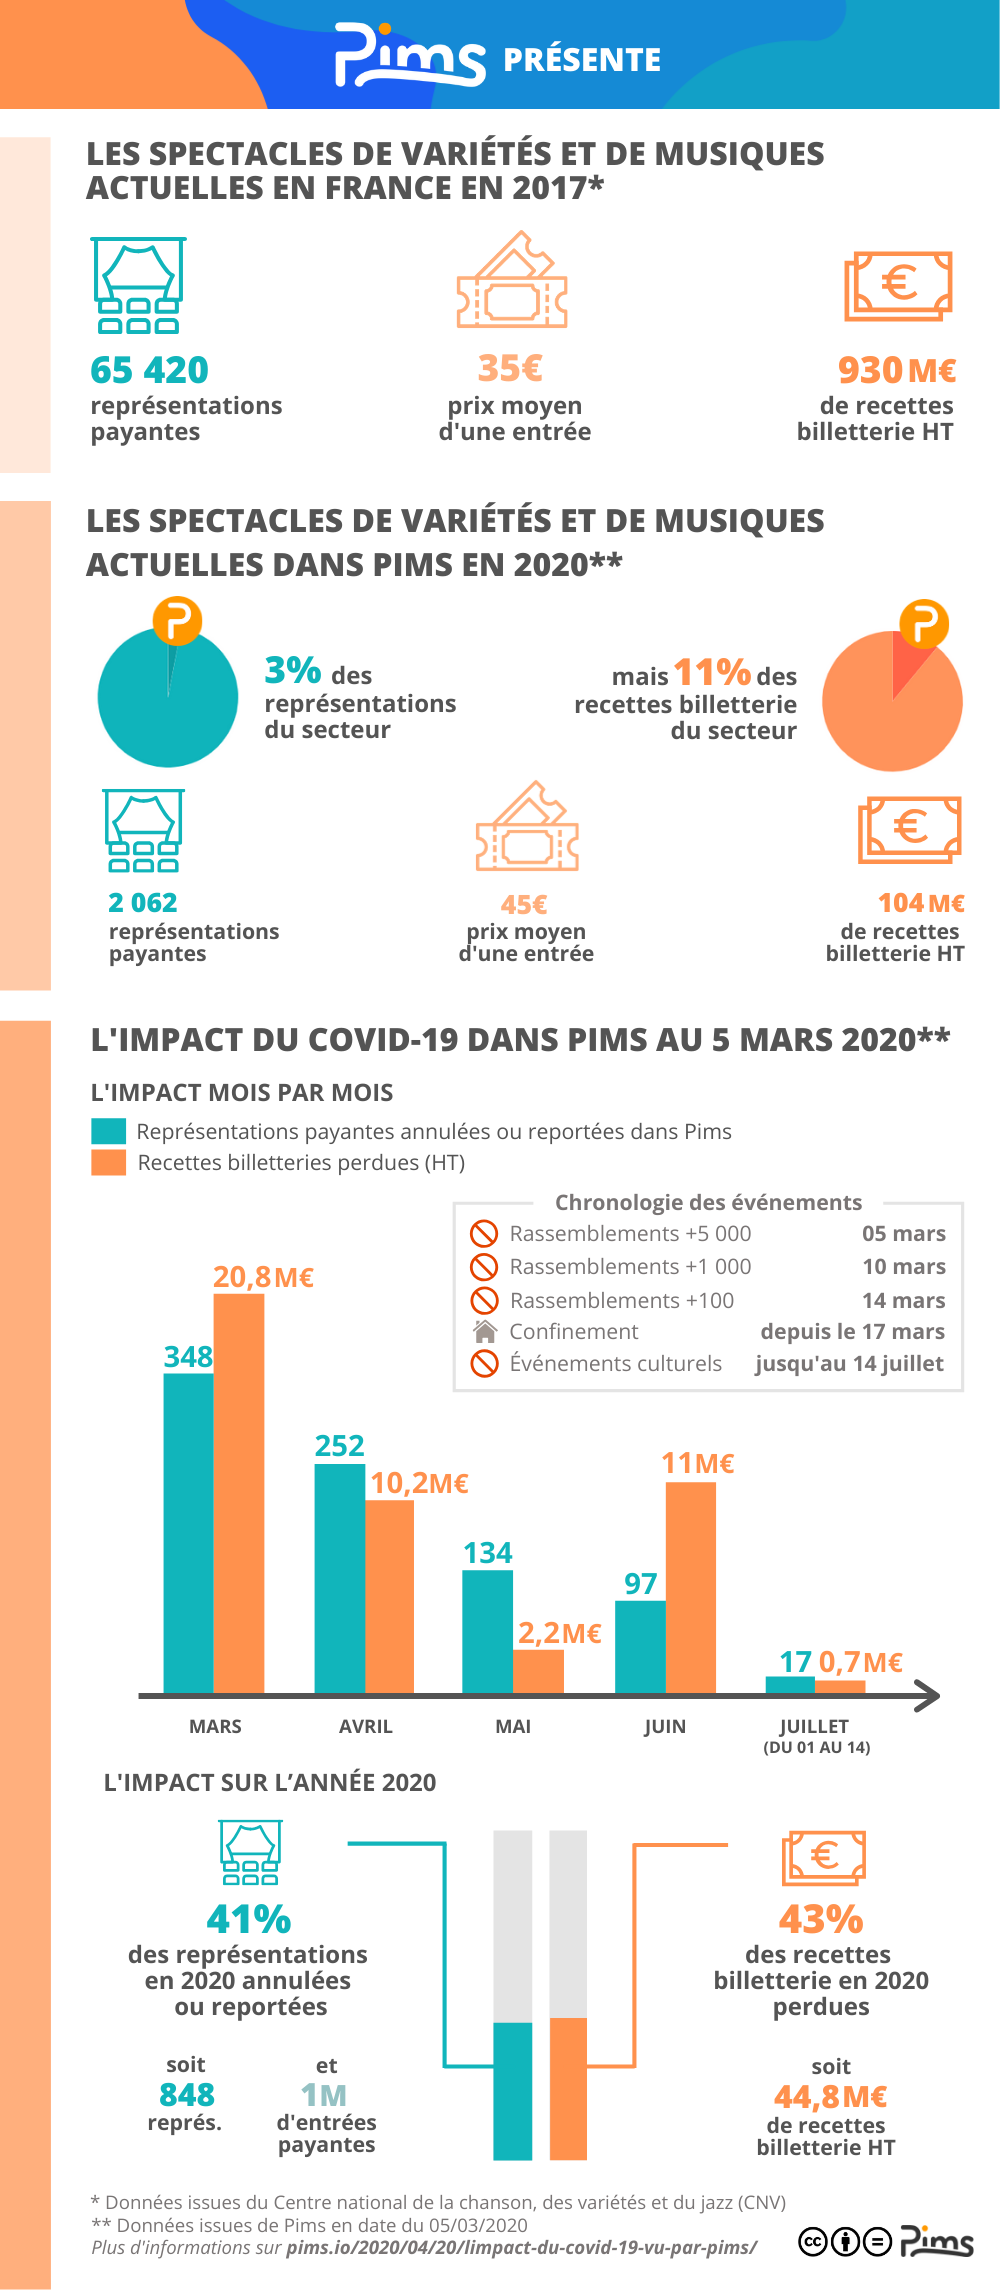 Infographie illustrant l'impact de la crise sanitaire liée au Covid-19 sur les spectacles de variétés et de musiques actuelles dans Pims en 2020. Etude réalisée au 5 mars 2020.